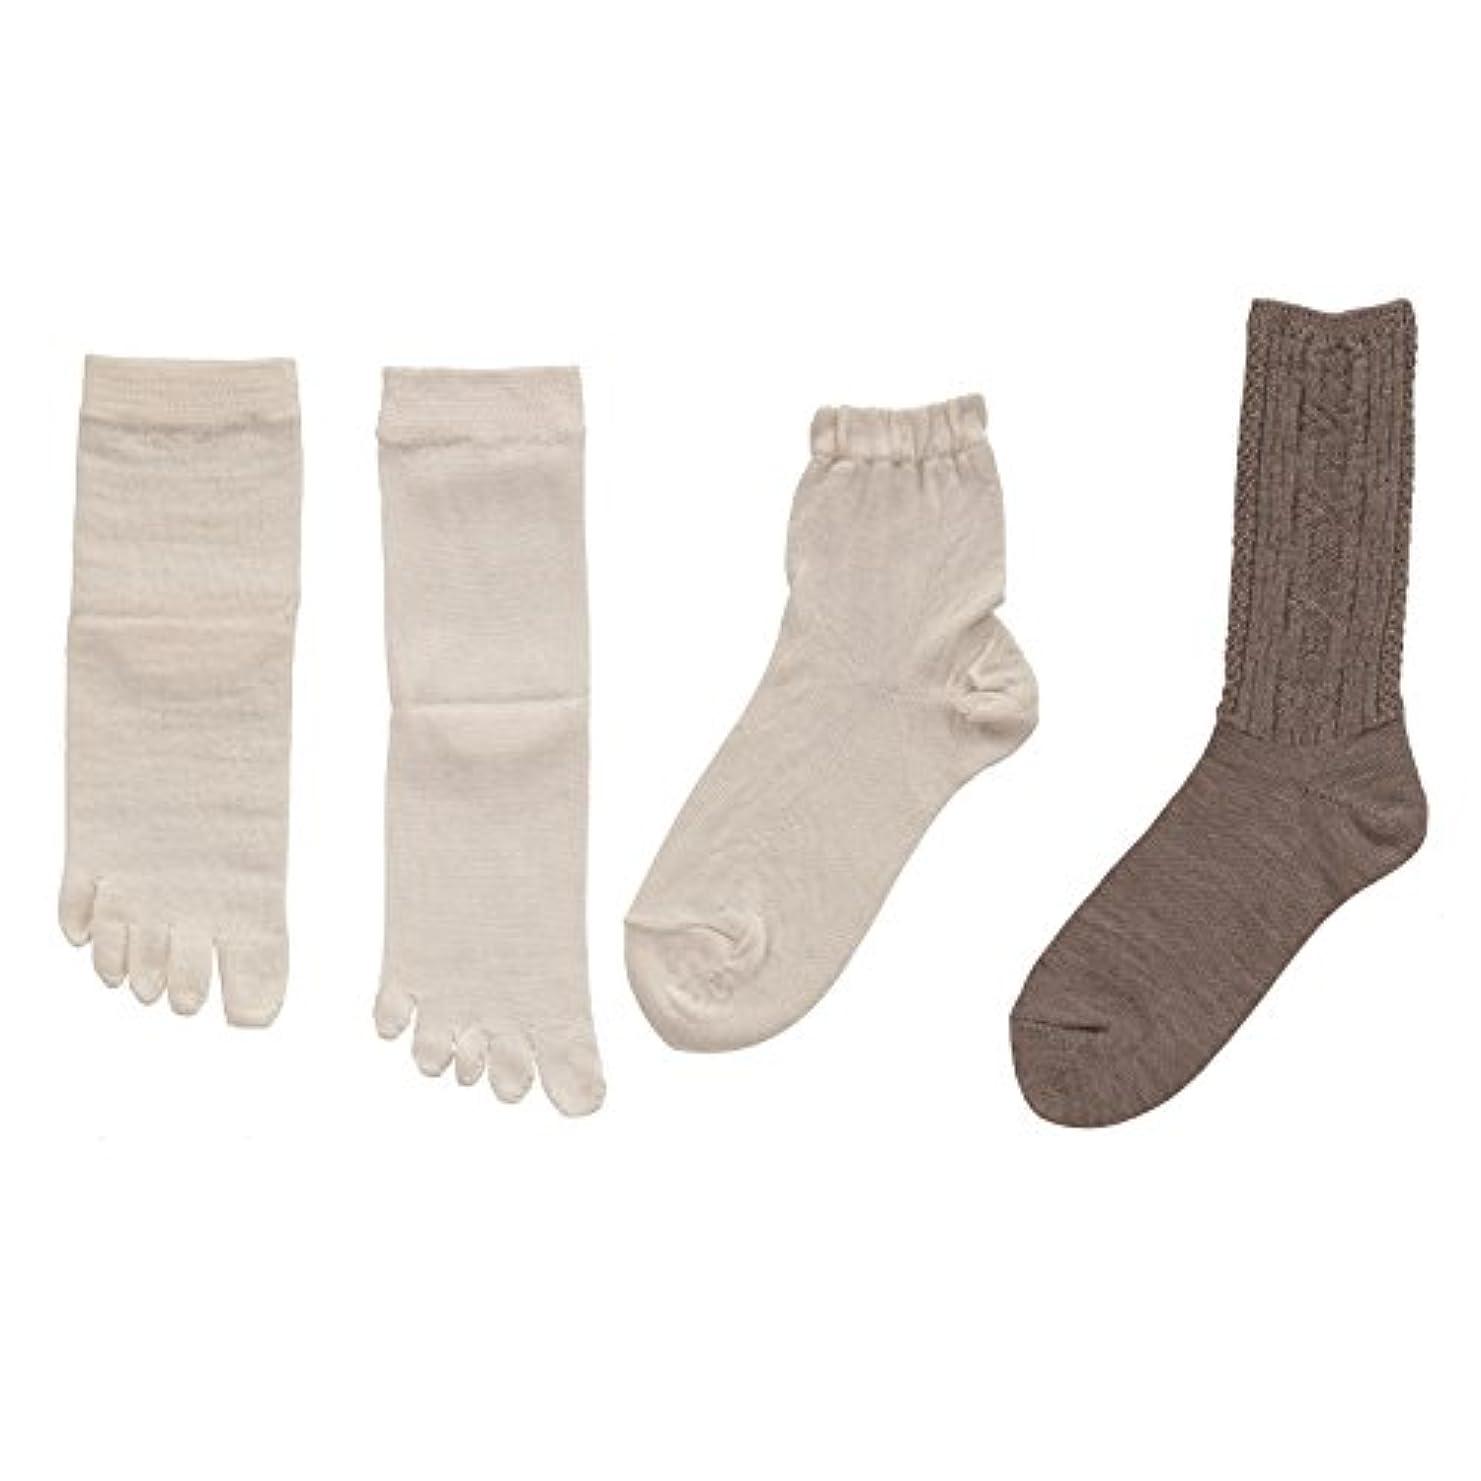 としてシャトルプレビュー砂山靴下 TUMUGI 絹と毛の4枚重ね履き靴下 グレー